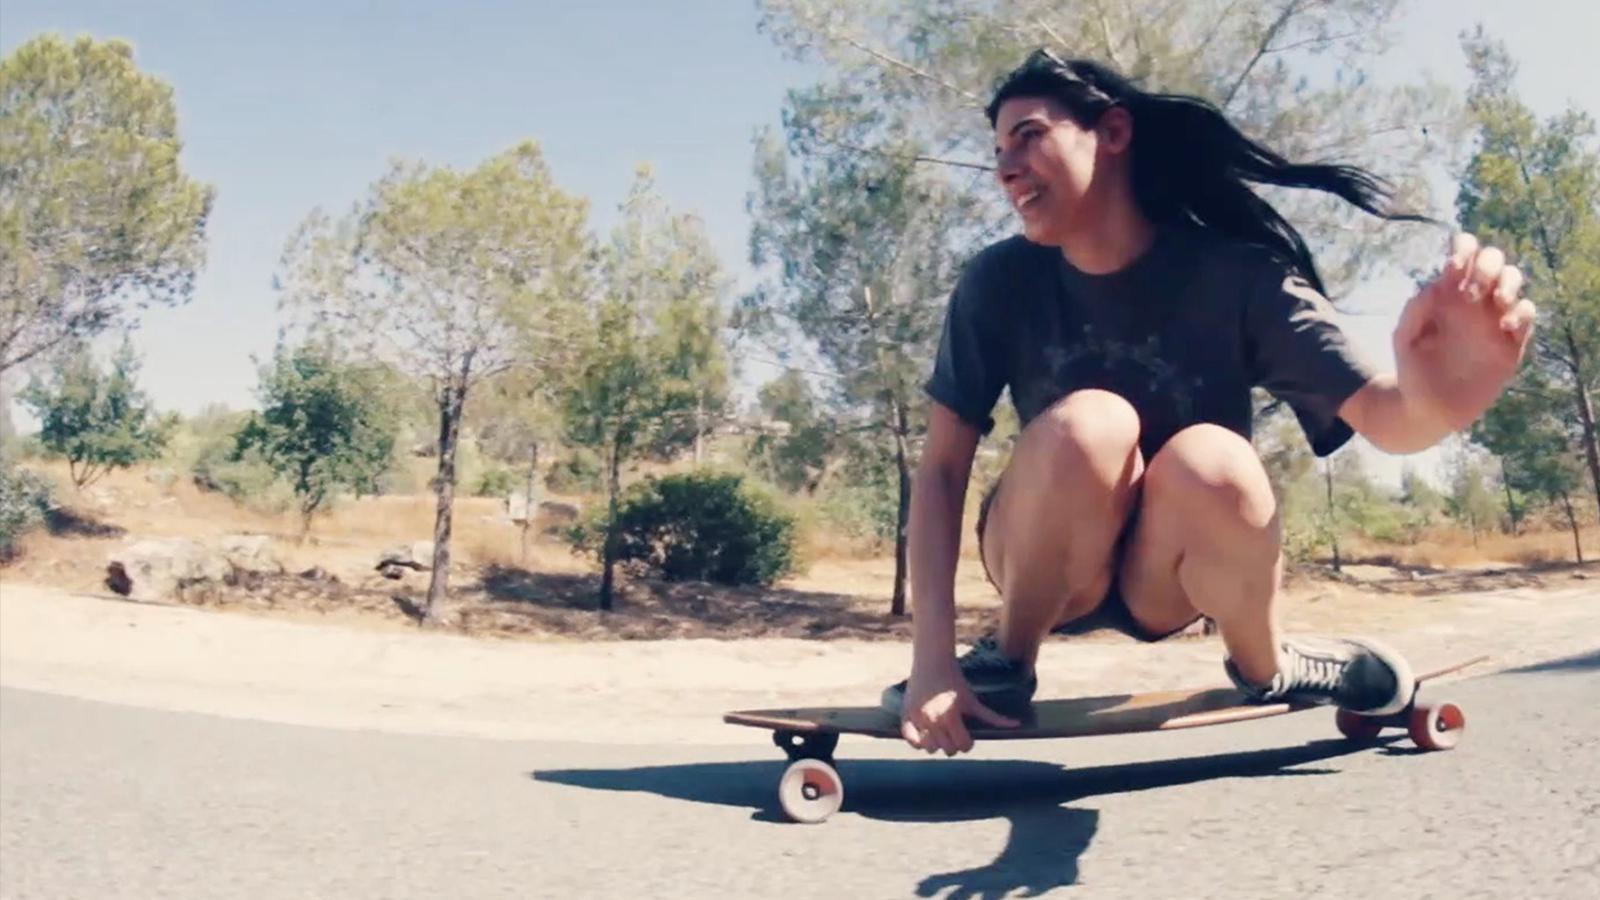 Capsule Skateboards Brand Profile2